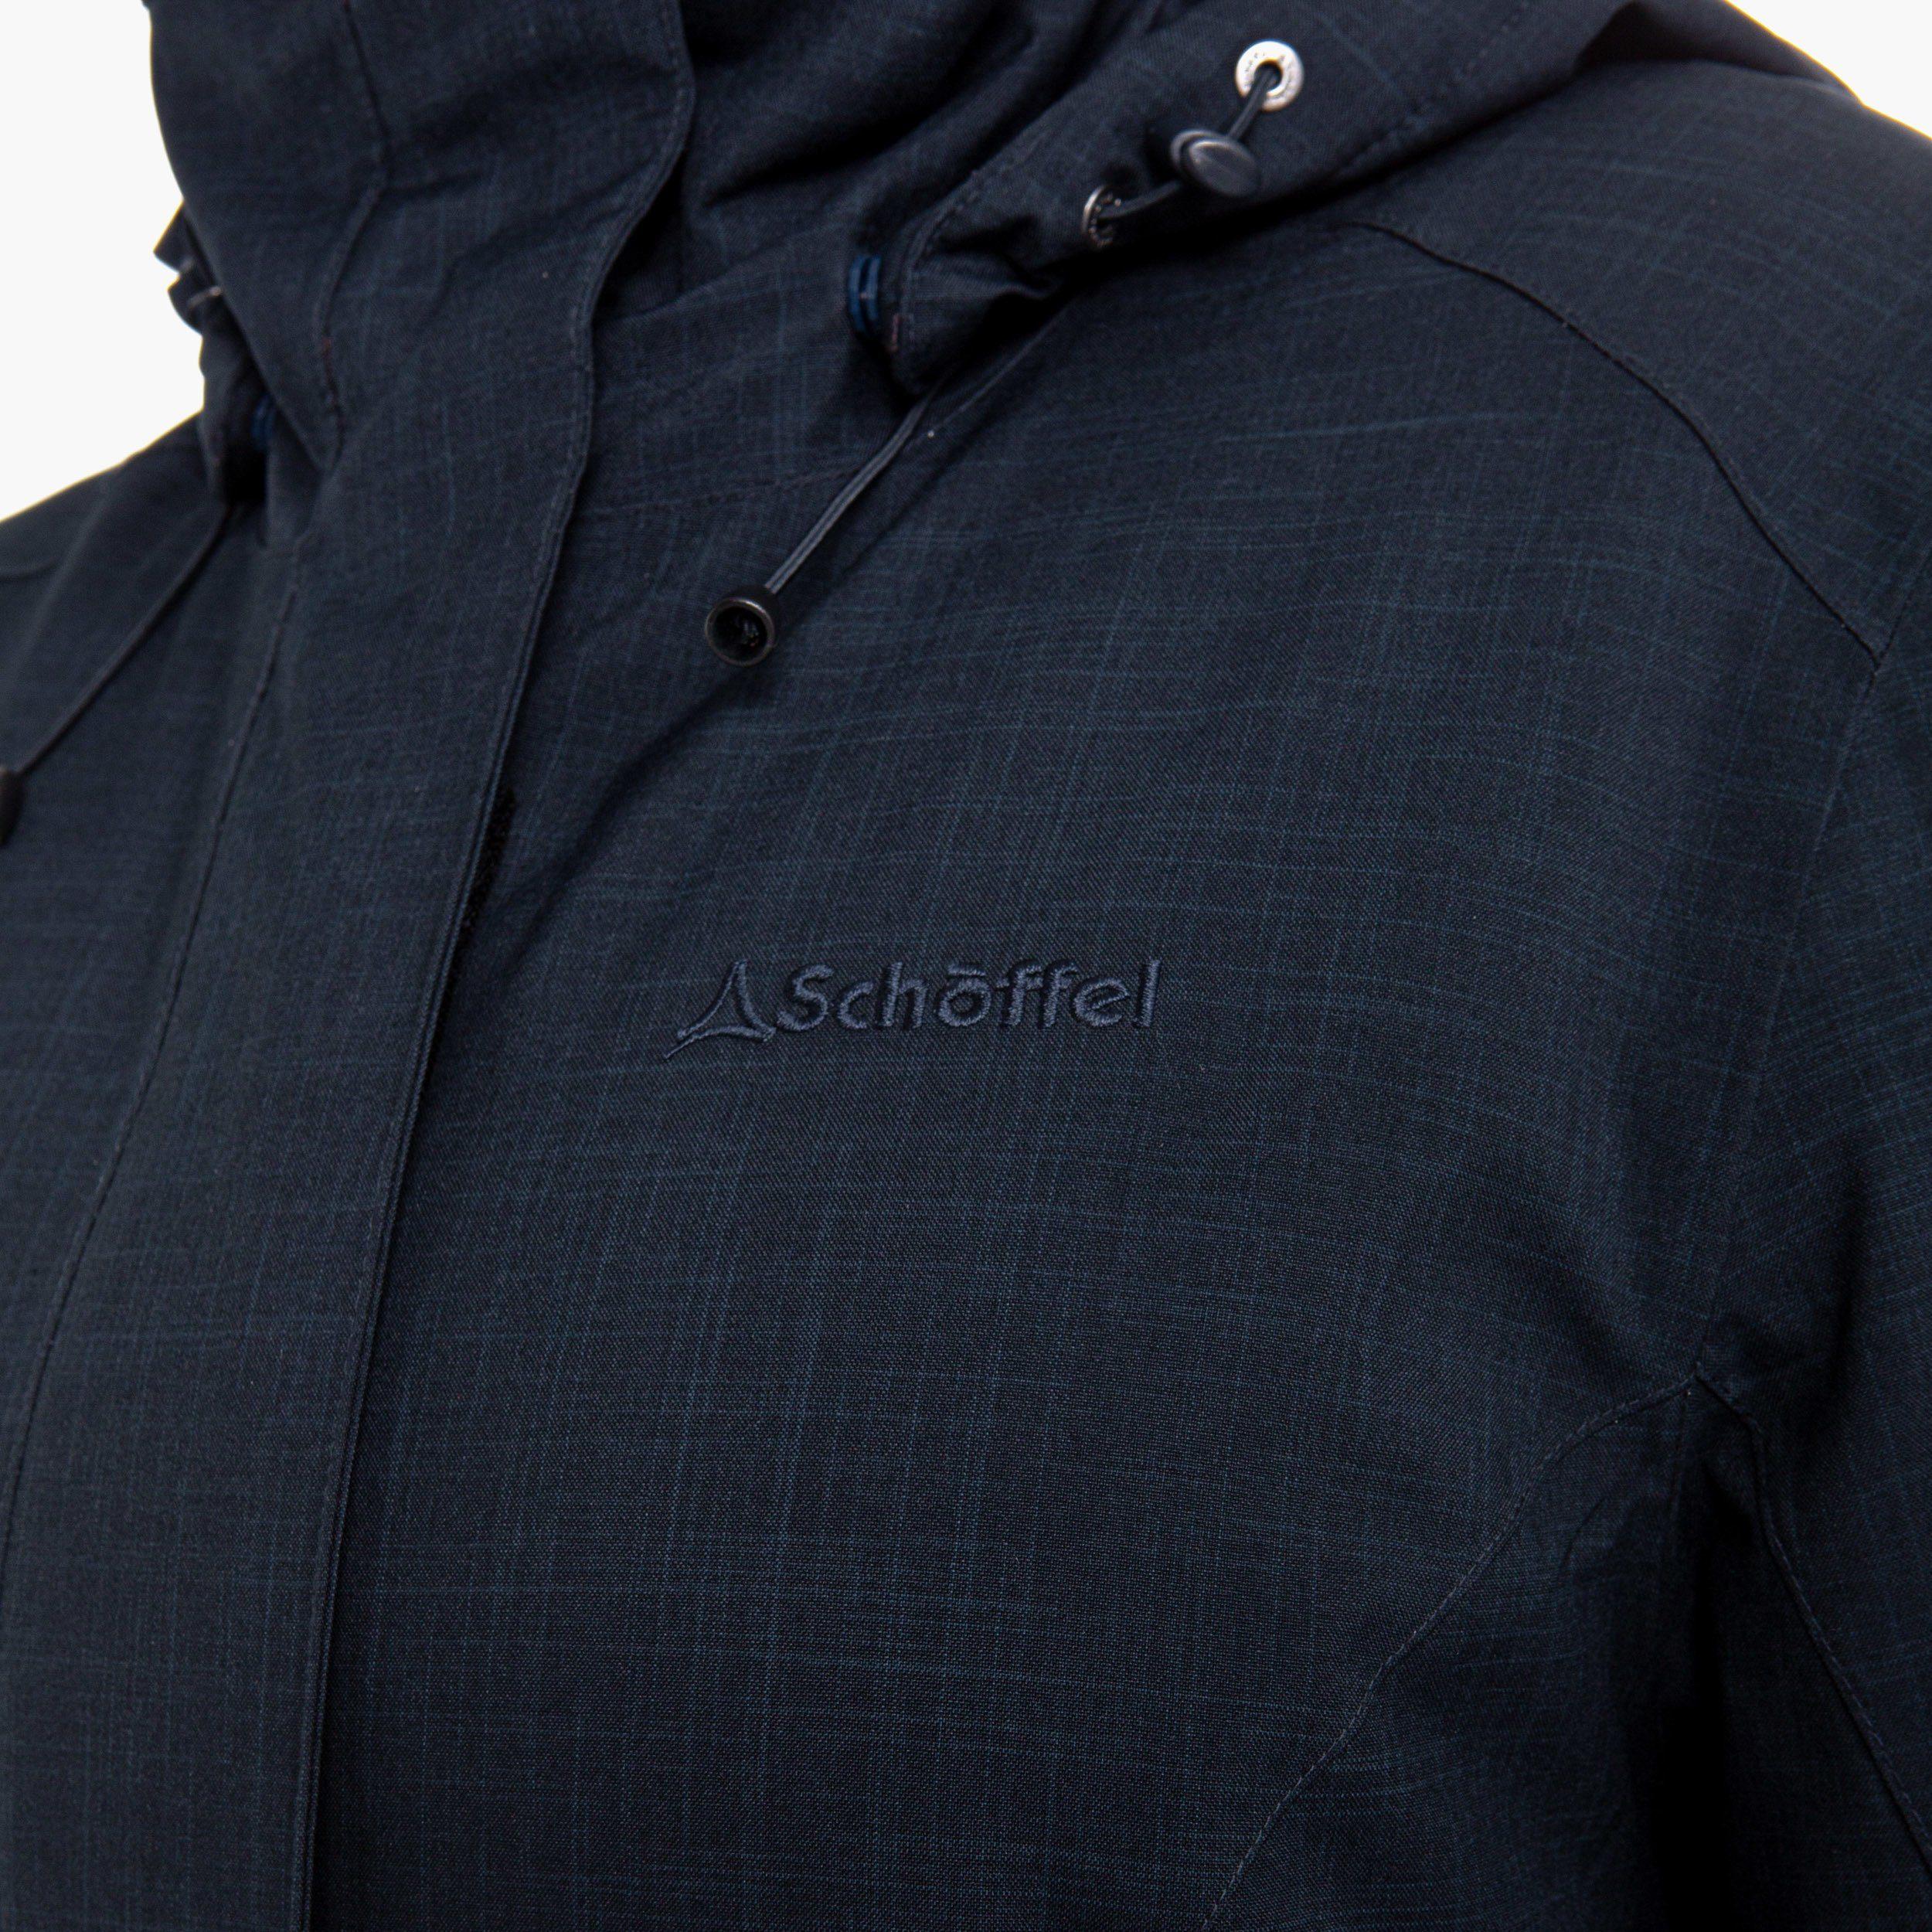 Schöffel Outdoorjacke »Insulated Jacket Sedona2« | OTTO